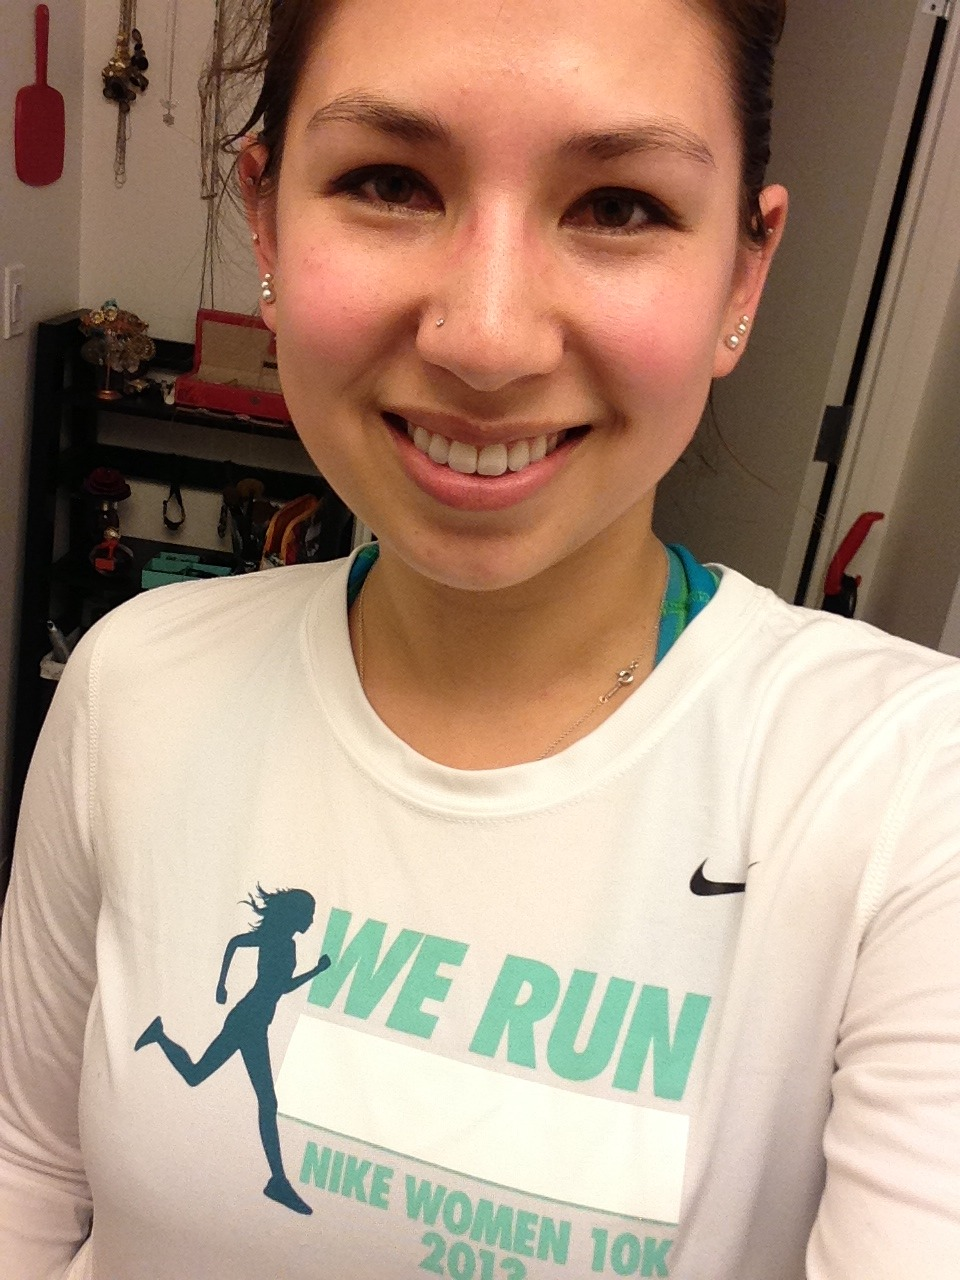 Sweat is beautiful! Post-workout flush = natural blush!